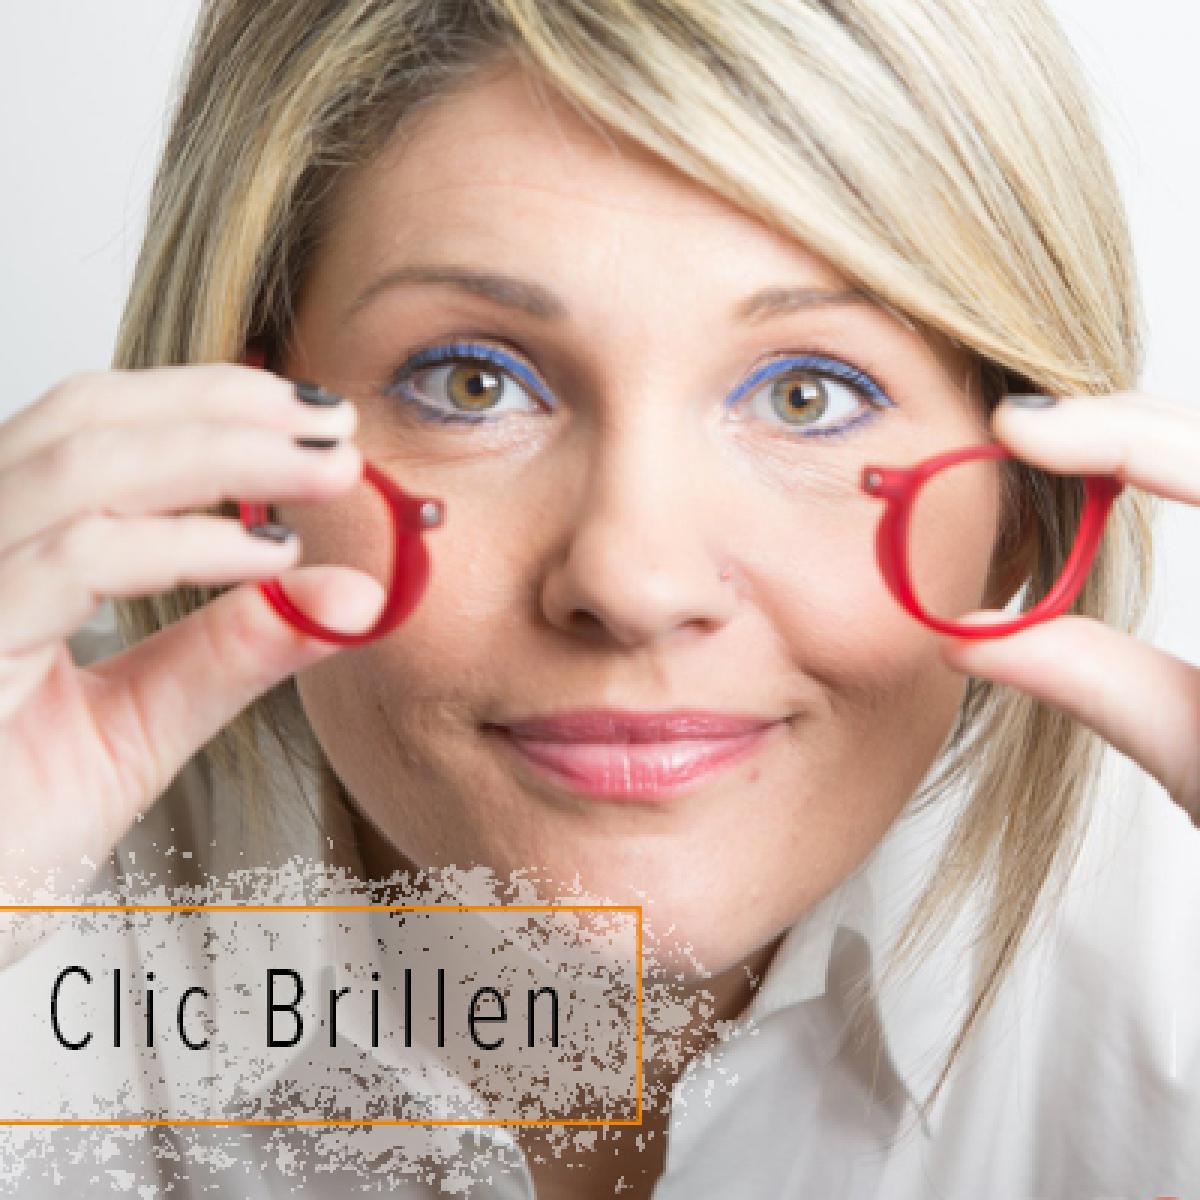 Clicbrillen